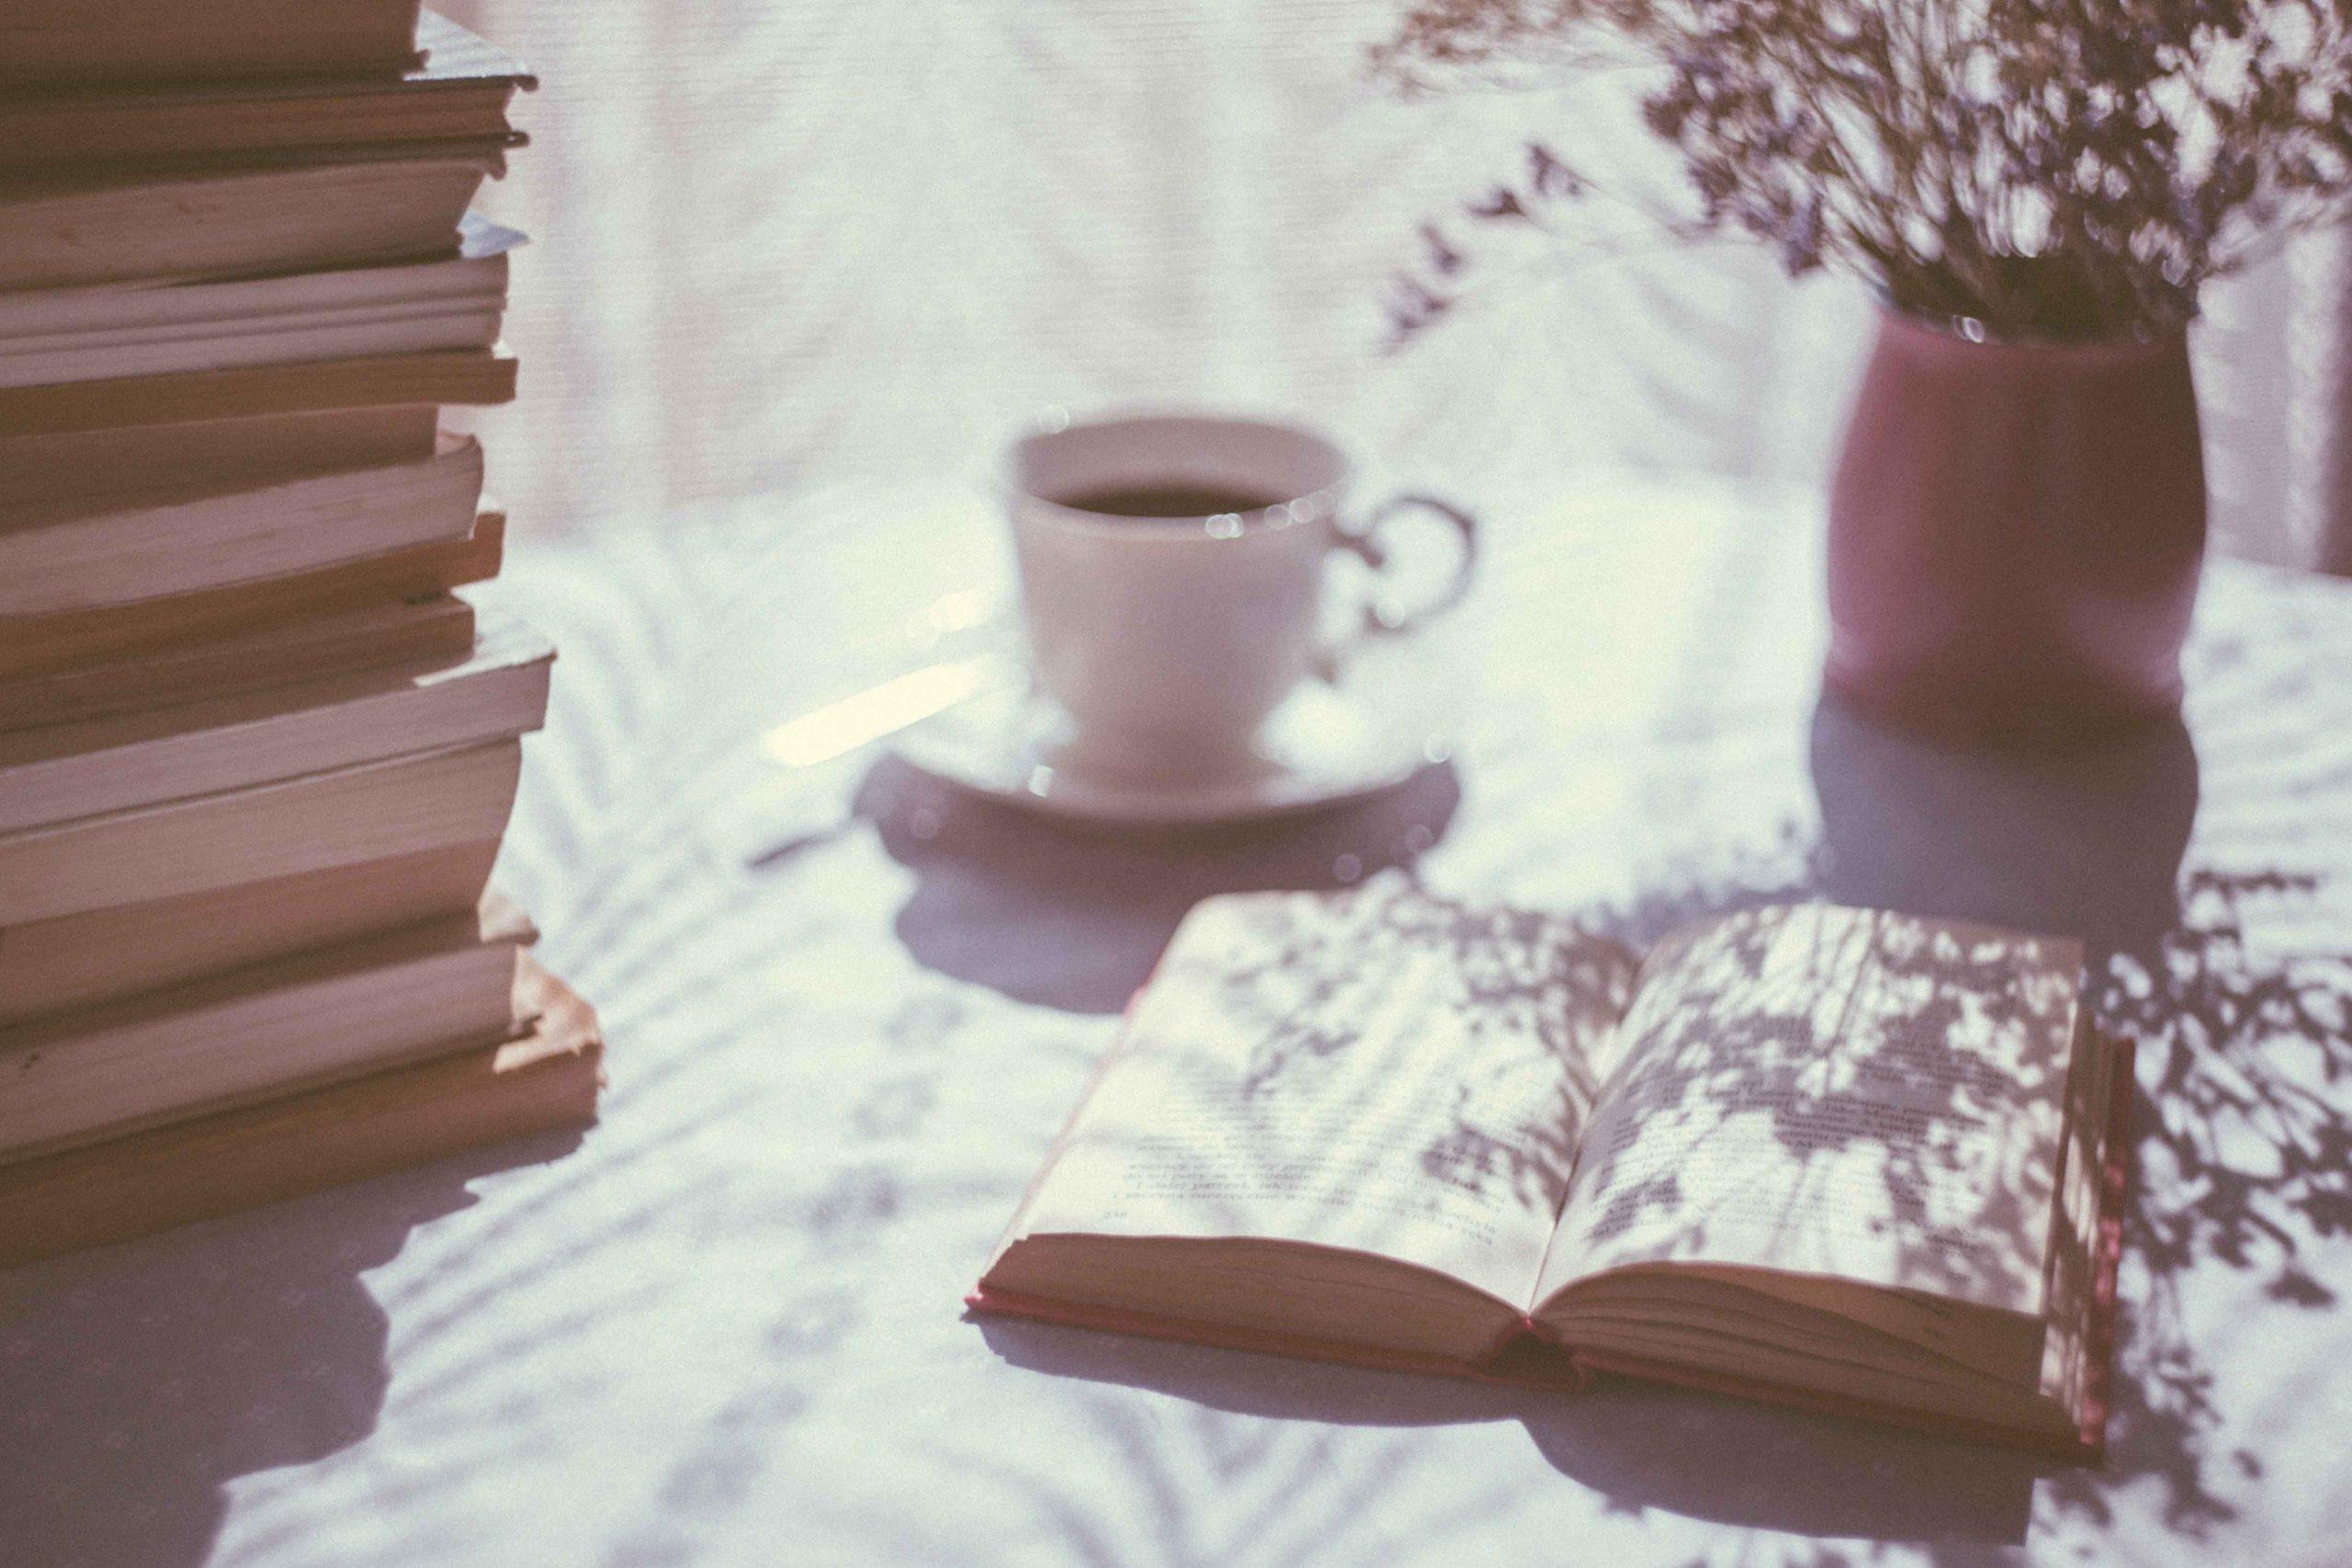 60+ Encouraging & Inspirational Best Books for Moms